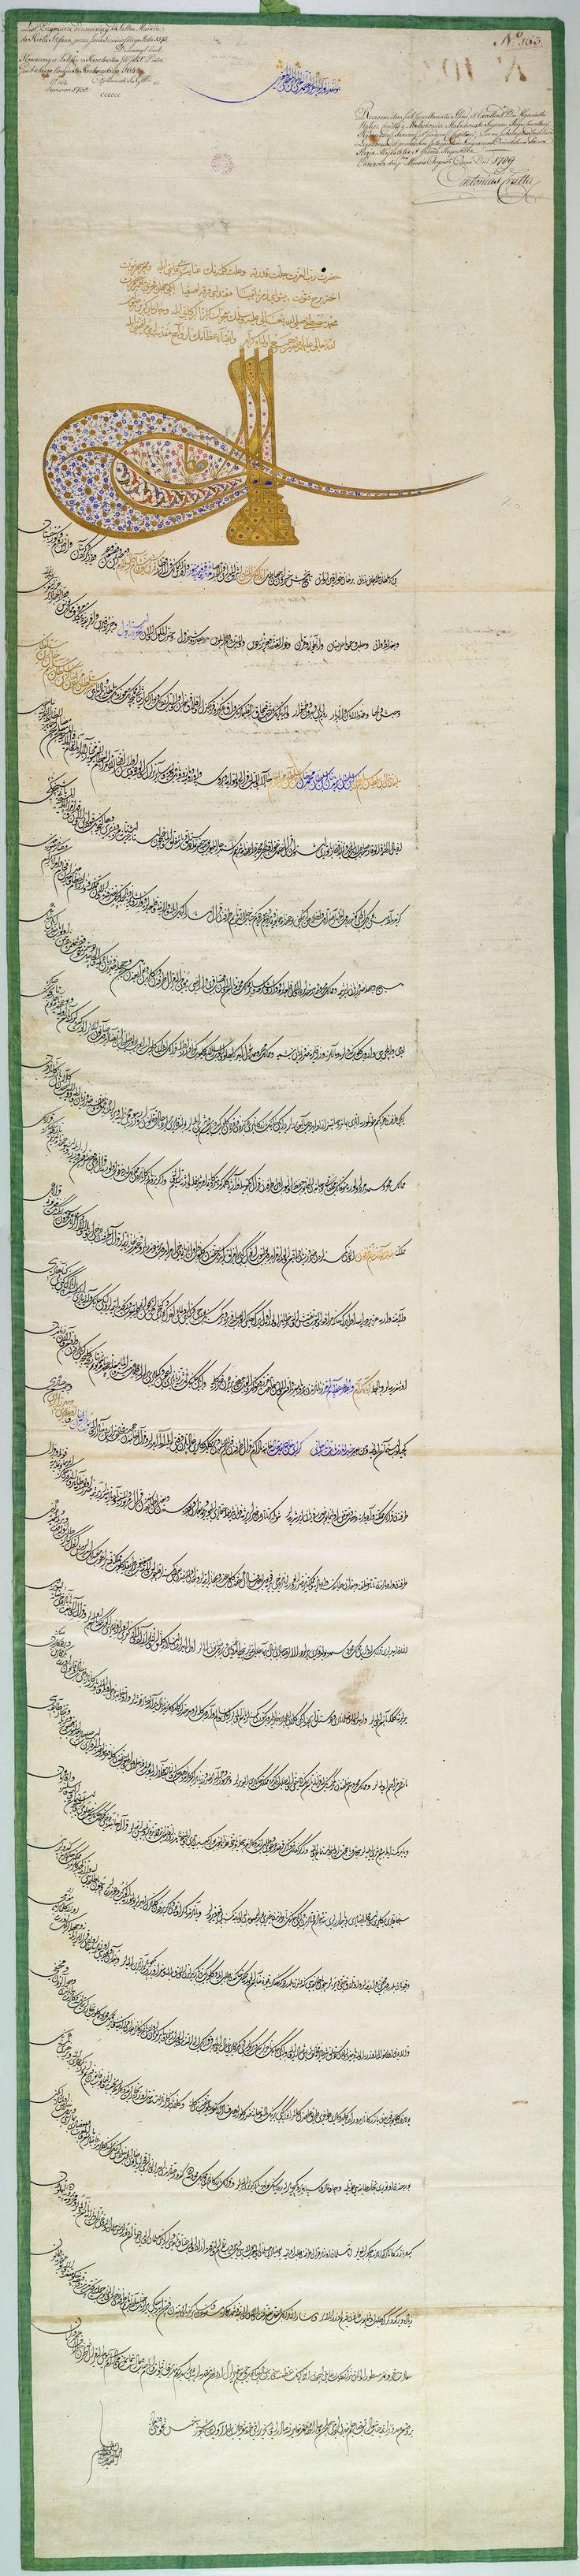 Ahidnâme sent by Murad III to King Stephen Báthory, July 17th, 1577 (PD-art/old), Archiwum Główne Akt Dawnych w Warszawie